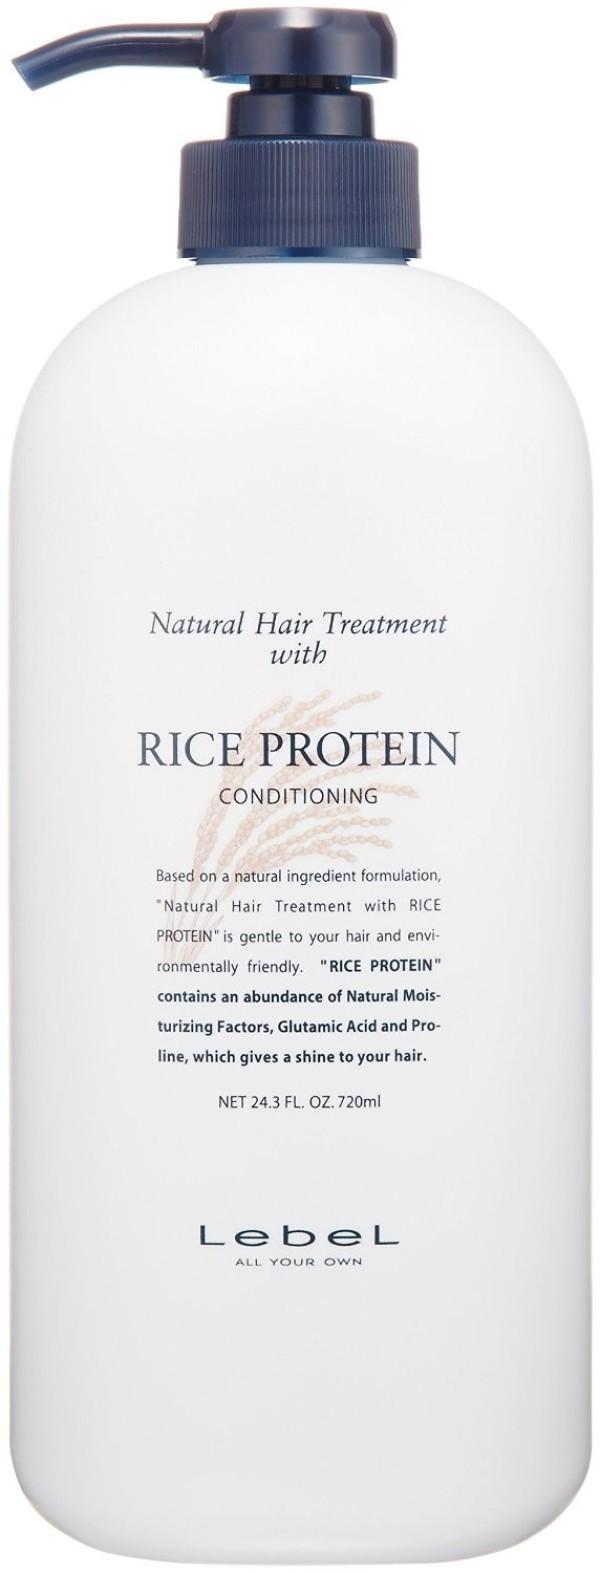 Восстанавливающая маска с протеином риса LEBEL RICE PROTEIN CONDITIONING для ухода за тонкими поврежденными волосами 720 мл